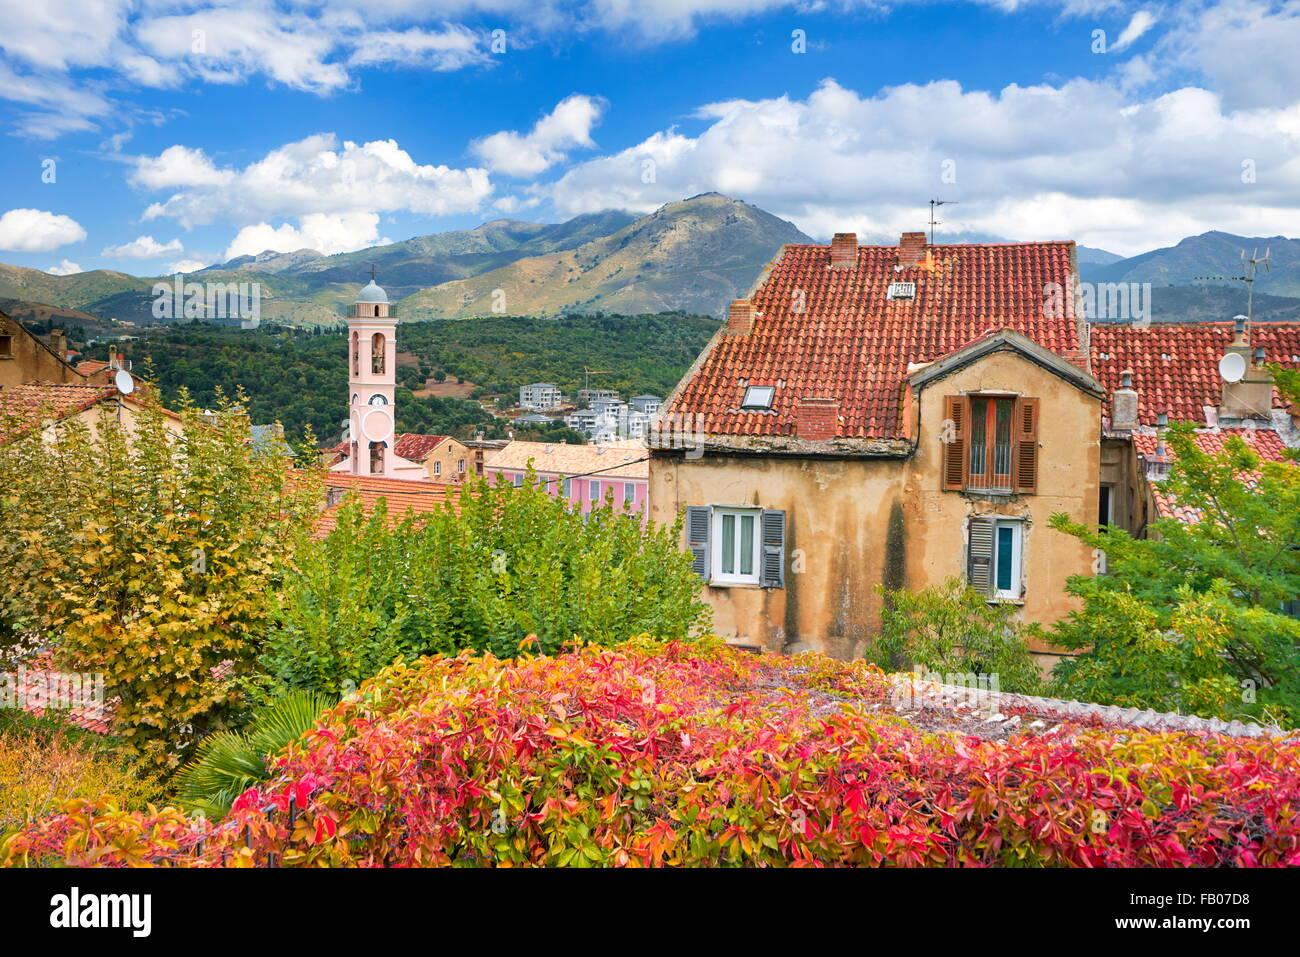 Corte, ehemalige Hauptstadt des unabhängigen Korsikas, typische Architektur der Altstadt, Korsika, Frankreich Stockbild